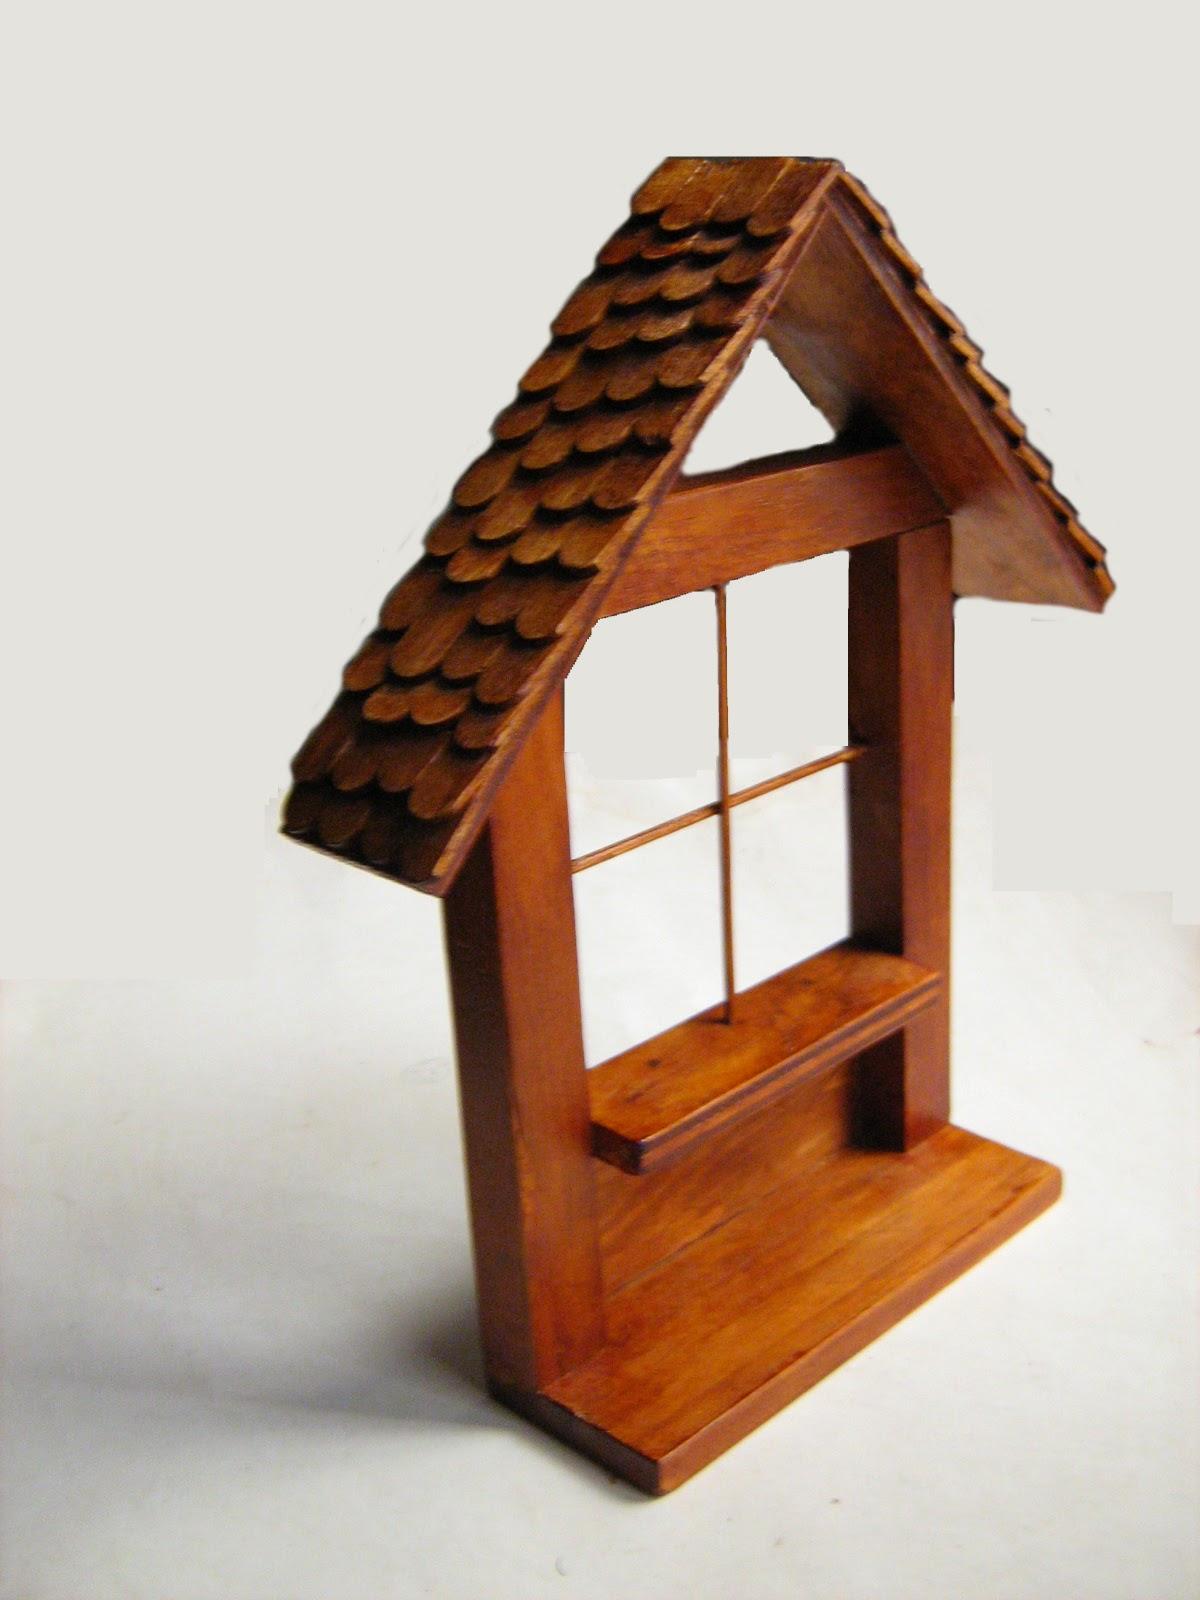 Productos de madera caribaea casita de madera adorno de - Escaleras de madera adorno ...